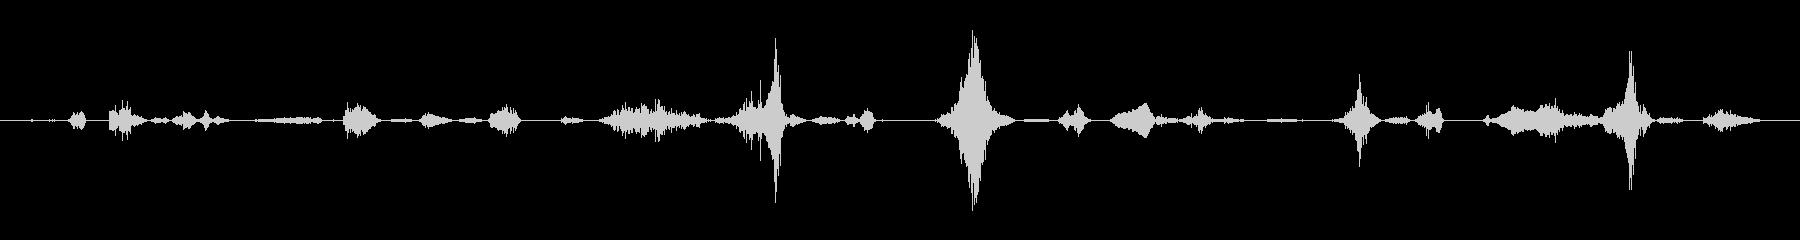 うめき声と不機嫌:男性のうめき声と...の未再生の波形